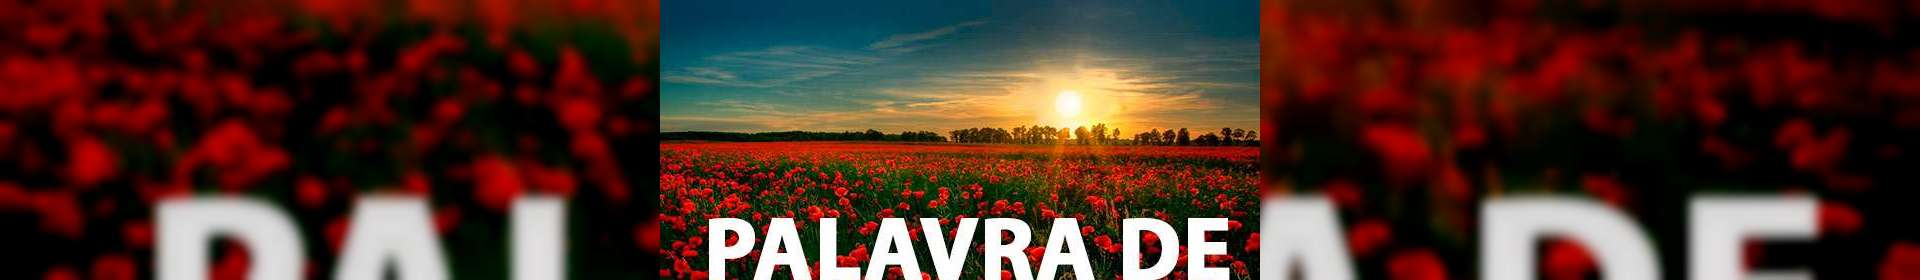 Gálatas 1:11,12 - Uma Palavra de Esperança para sua vida